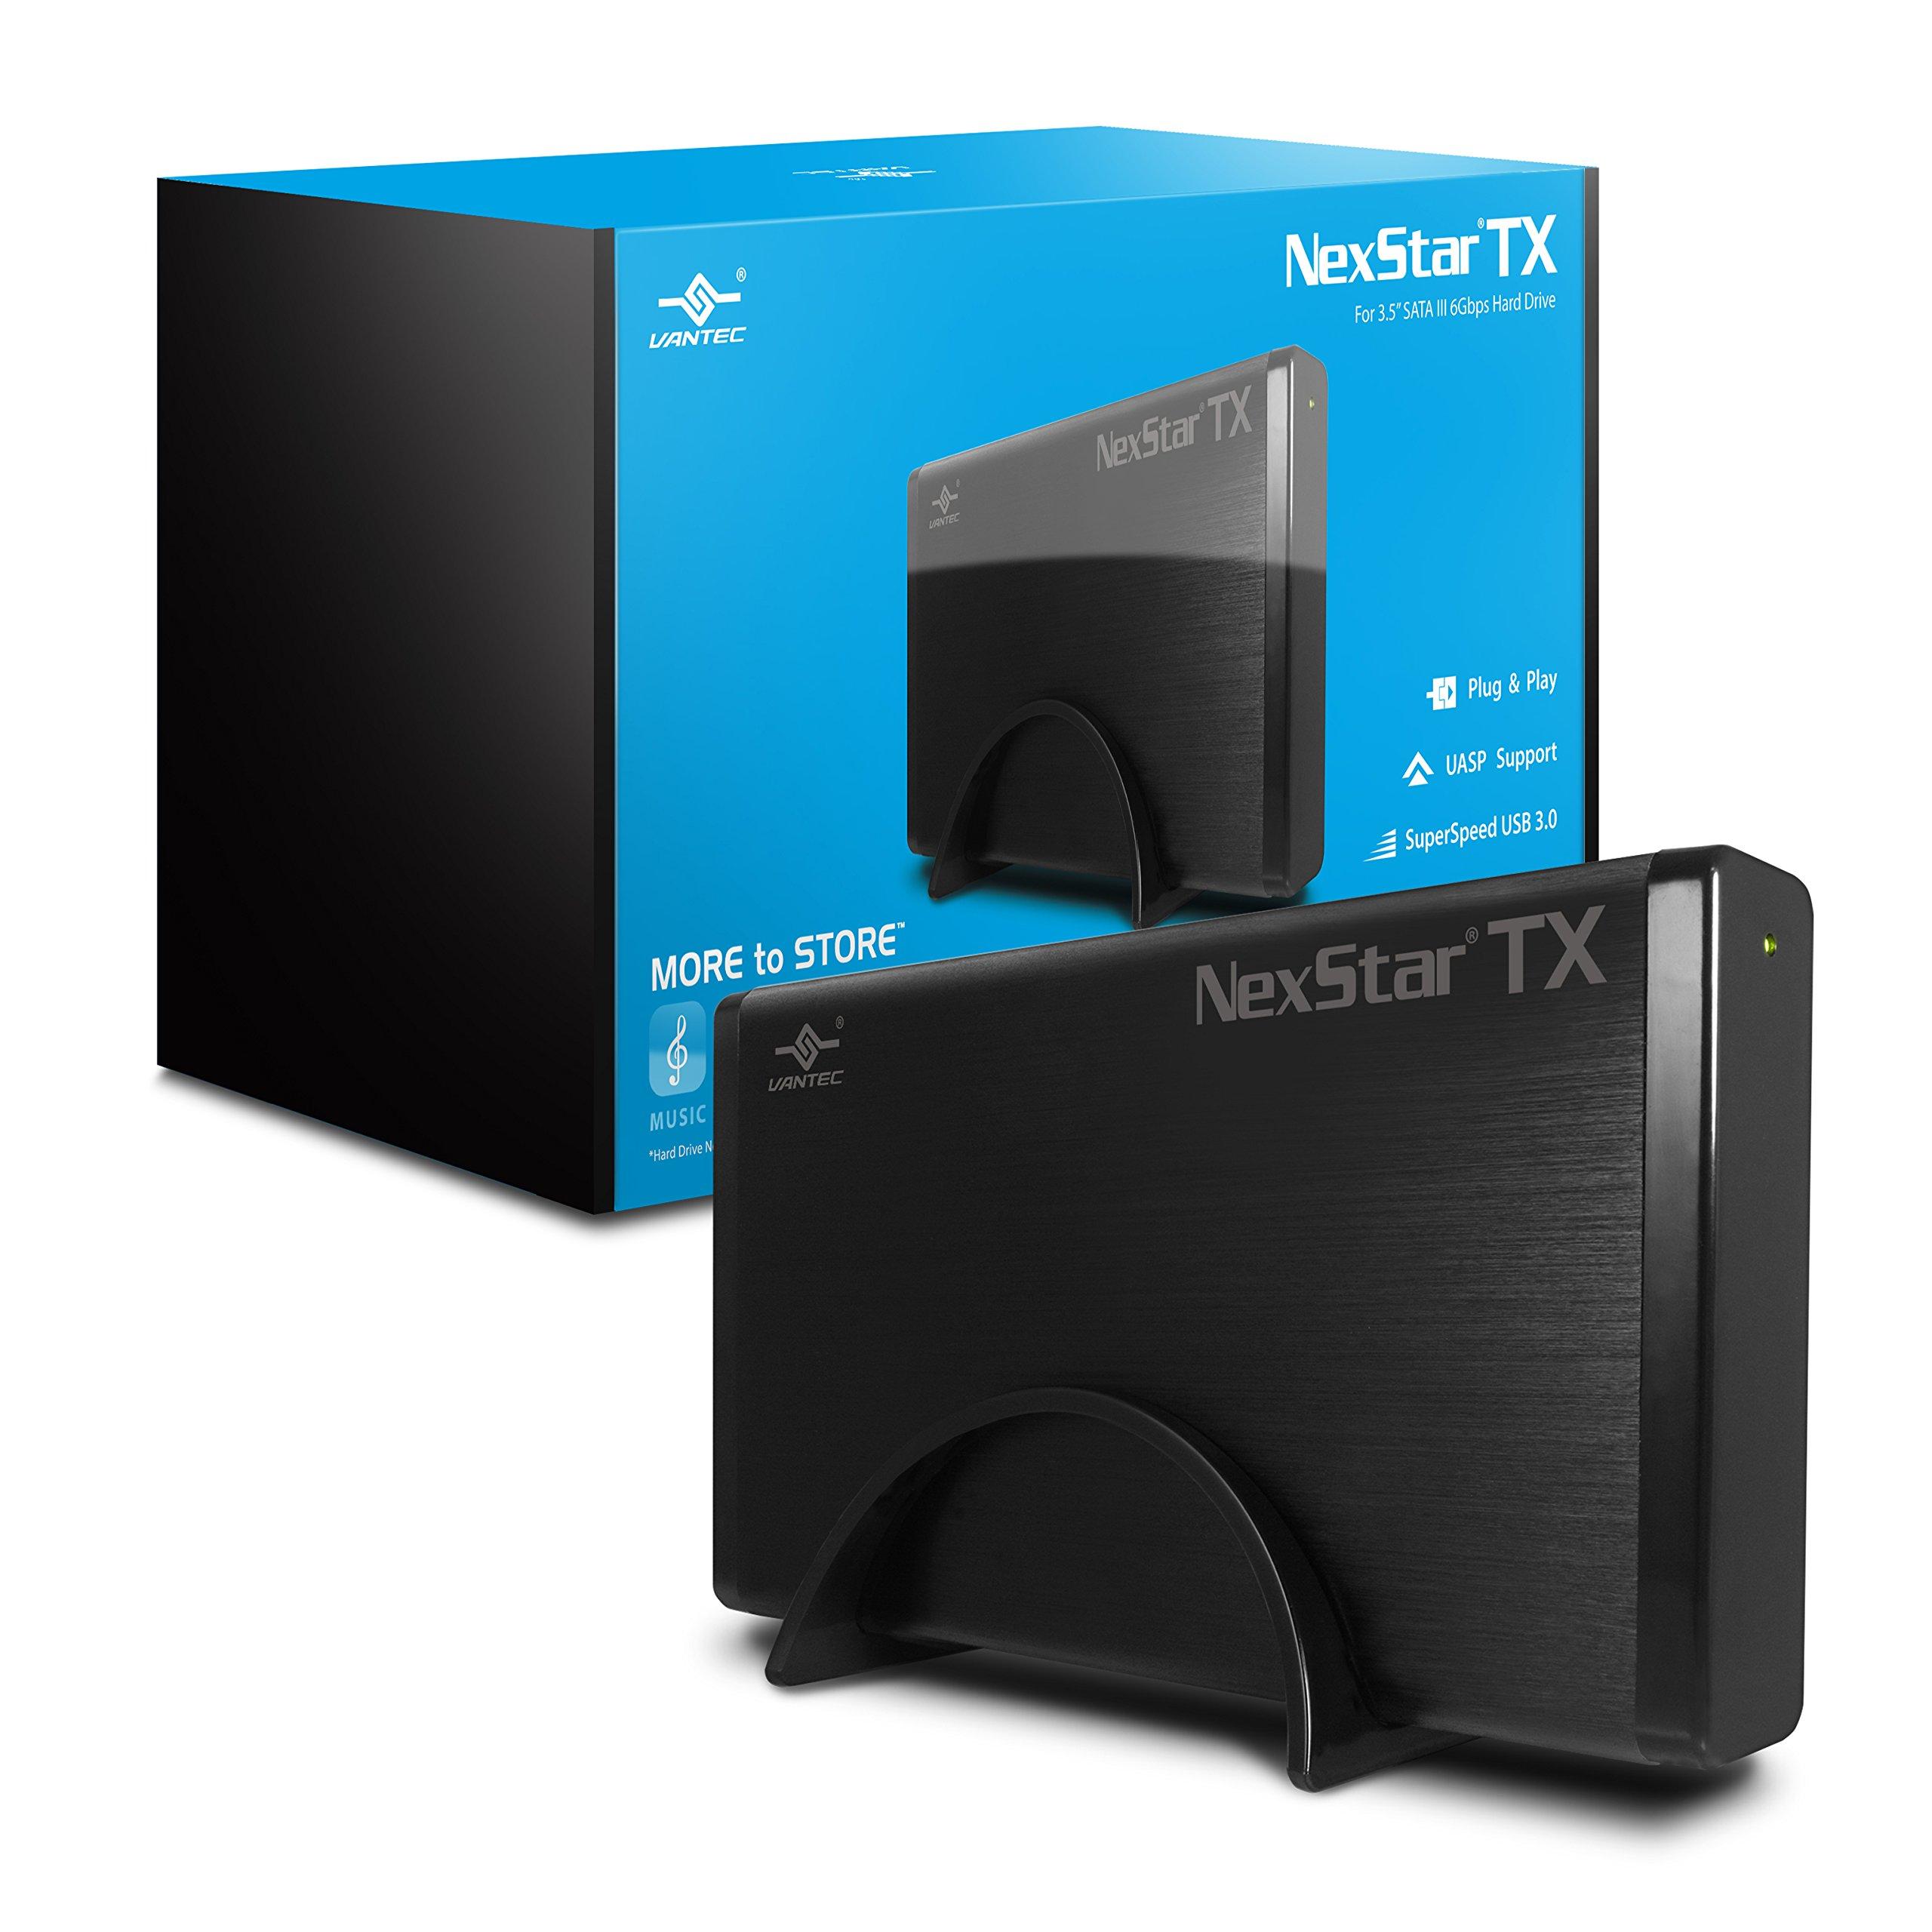 Vantec NexStar TX 3.5'' USB 3.0 Hard Drive Enclosure (NST-328S3-BK)